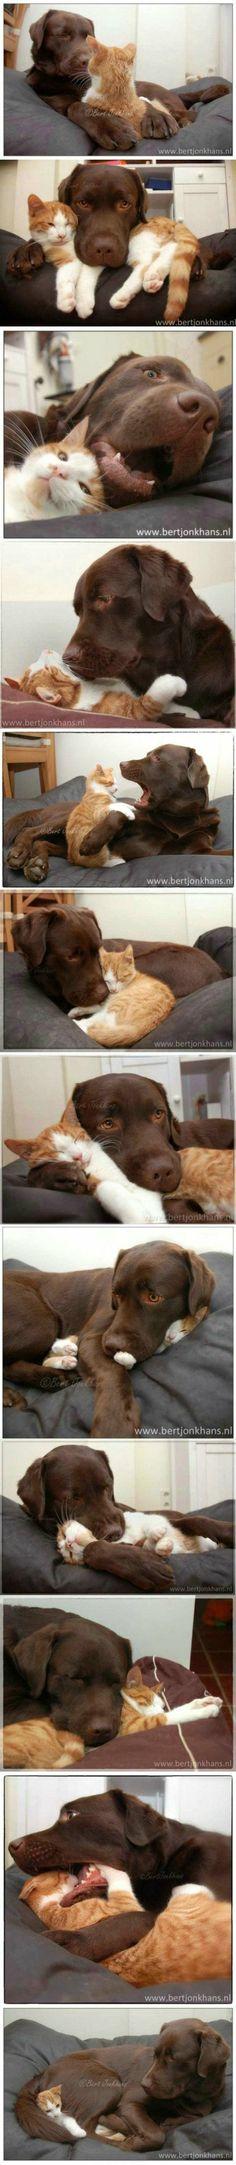 Lovely cat & dog!